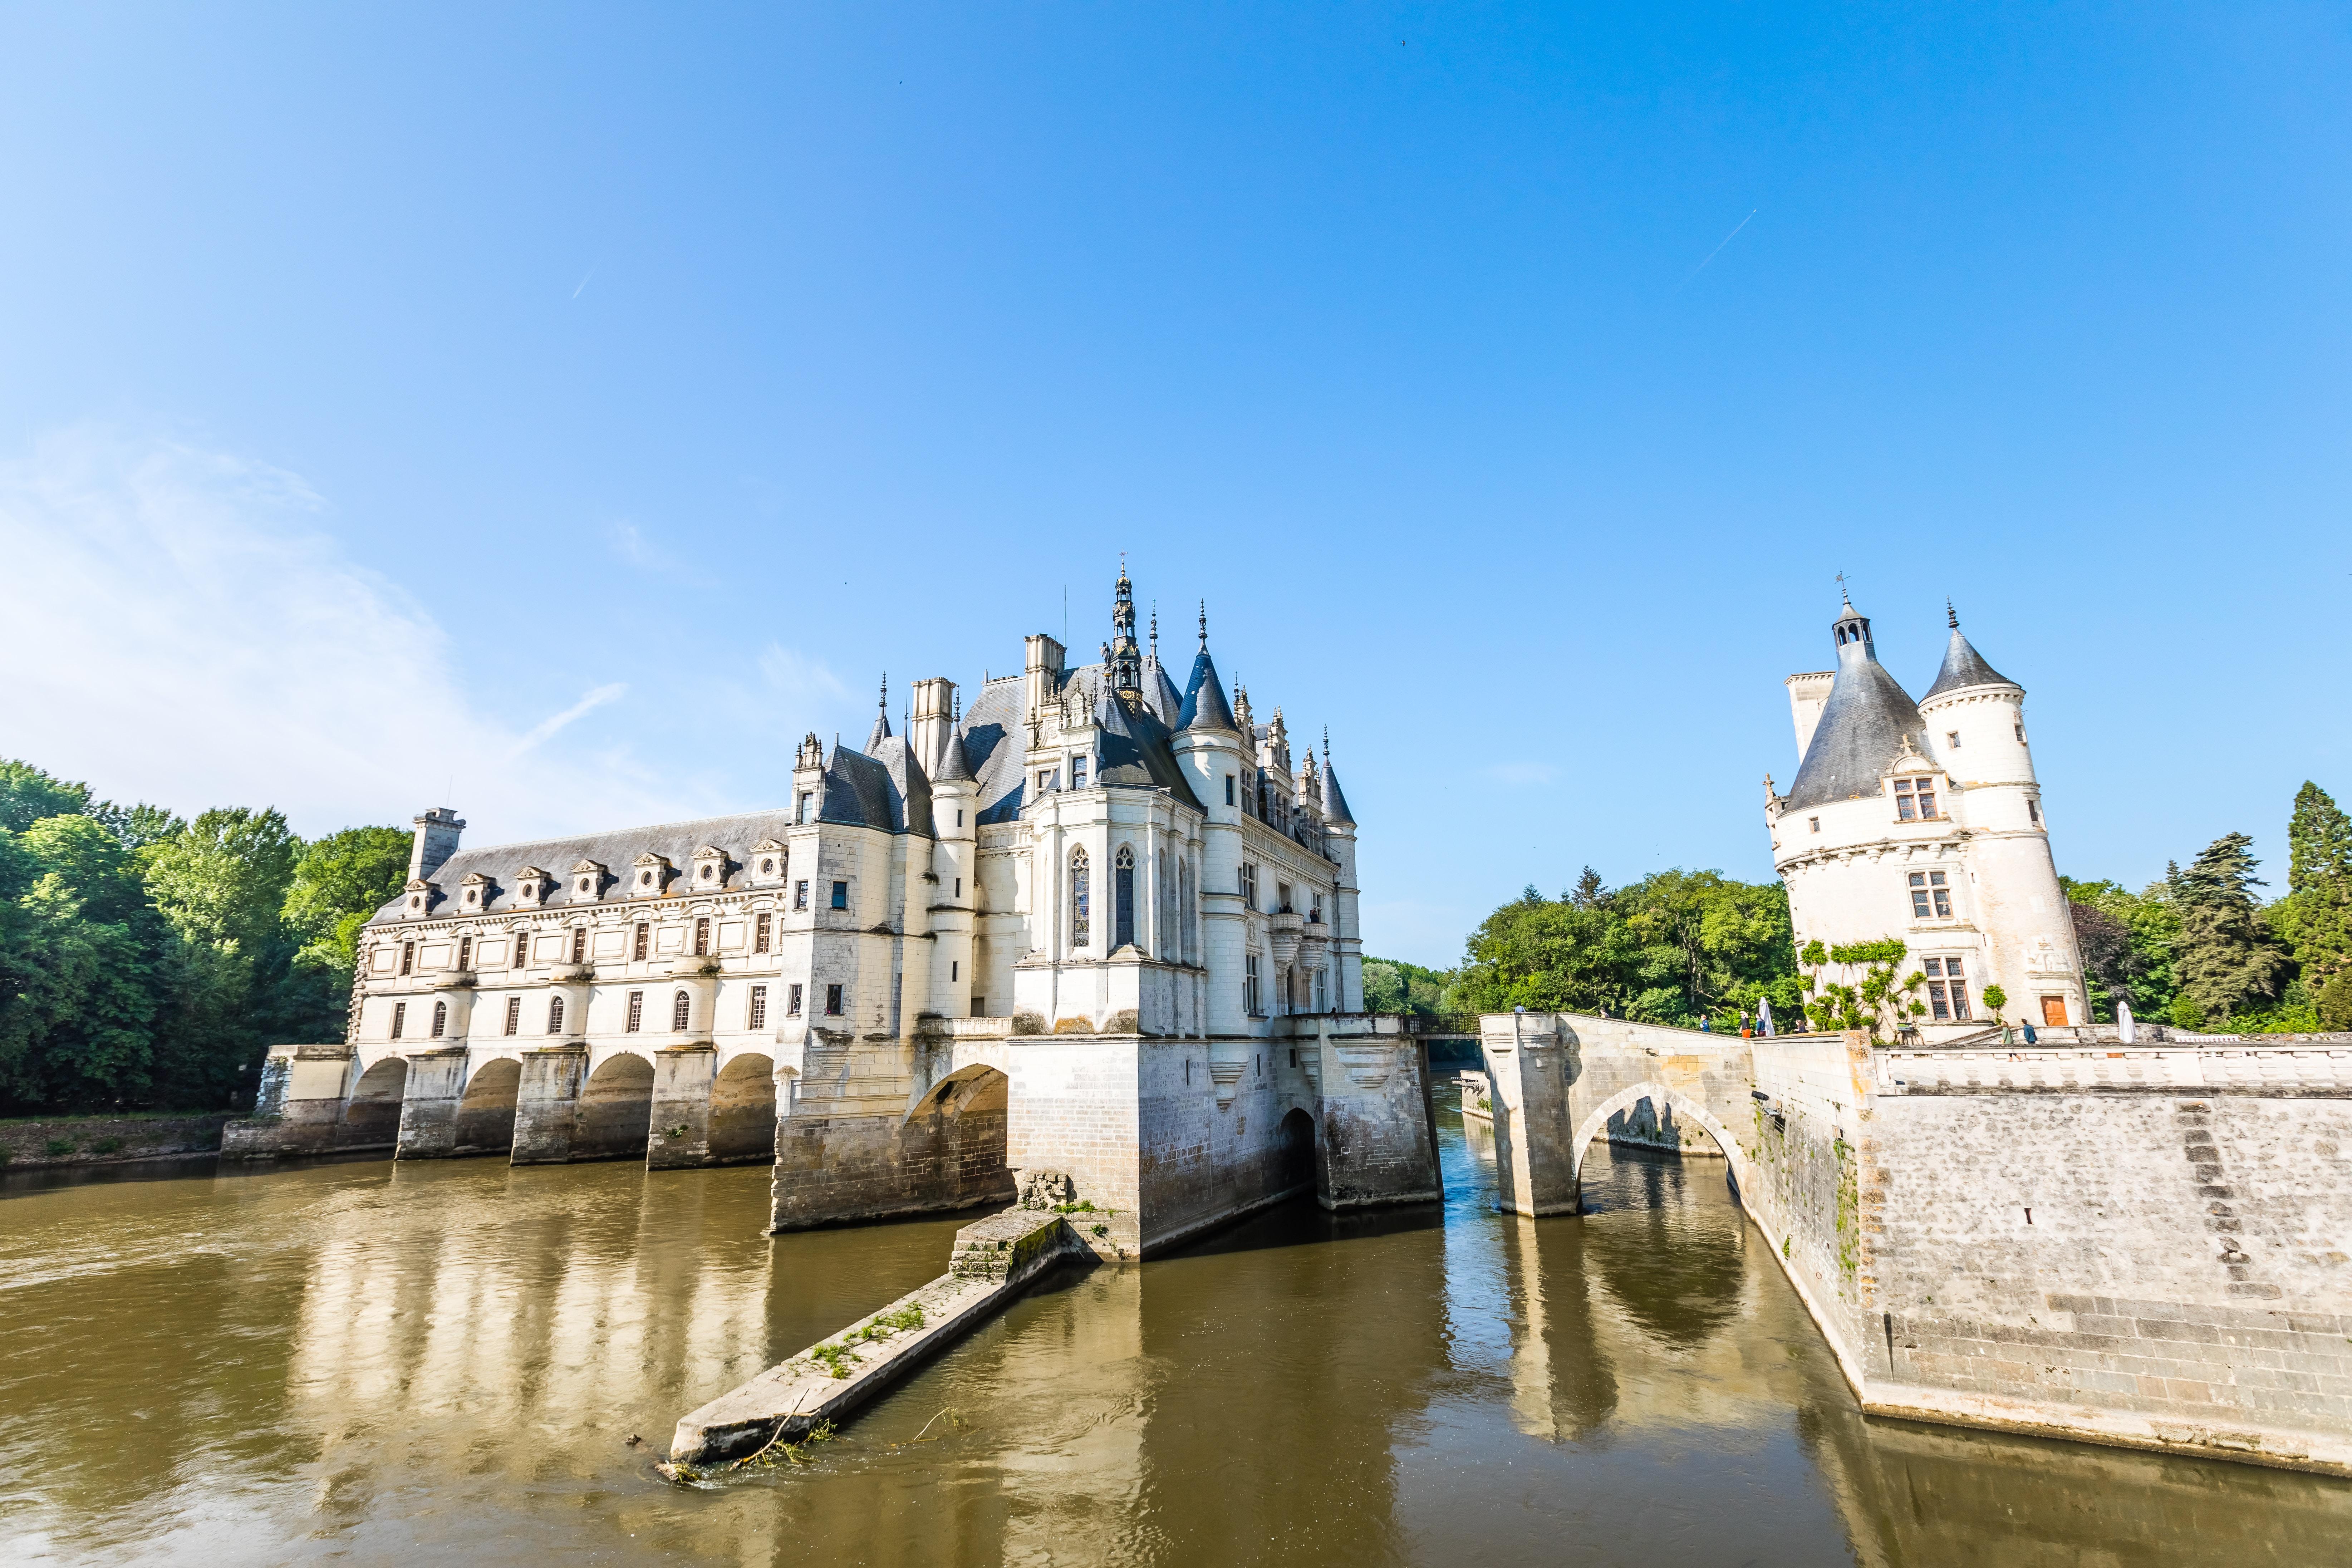 2nd line of defence_blog_castle moat image